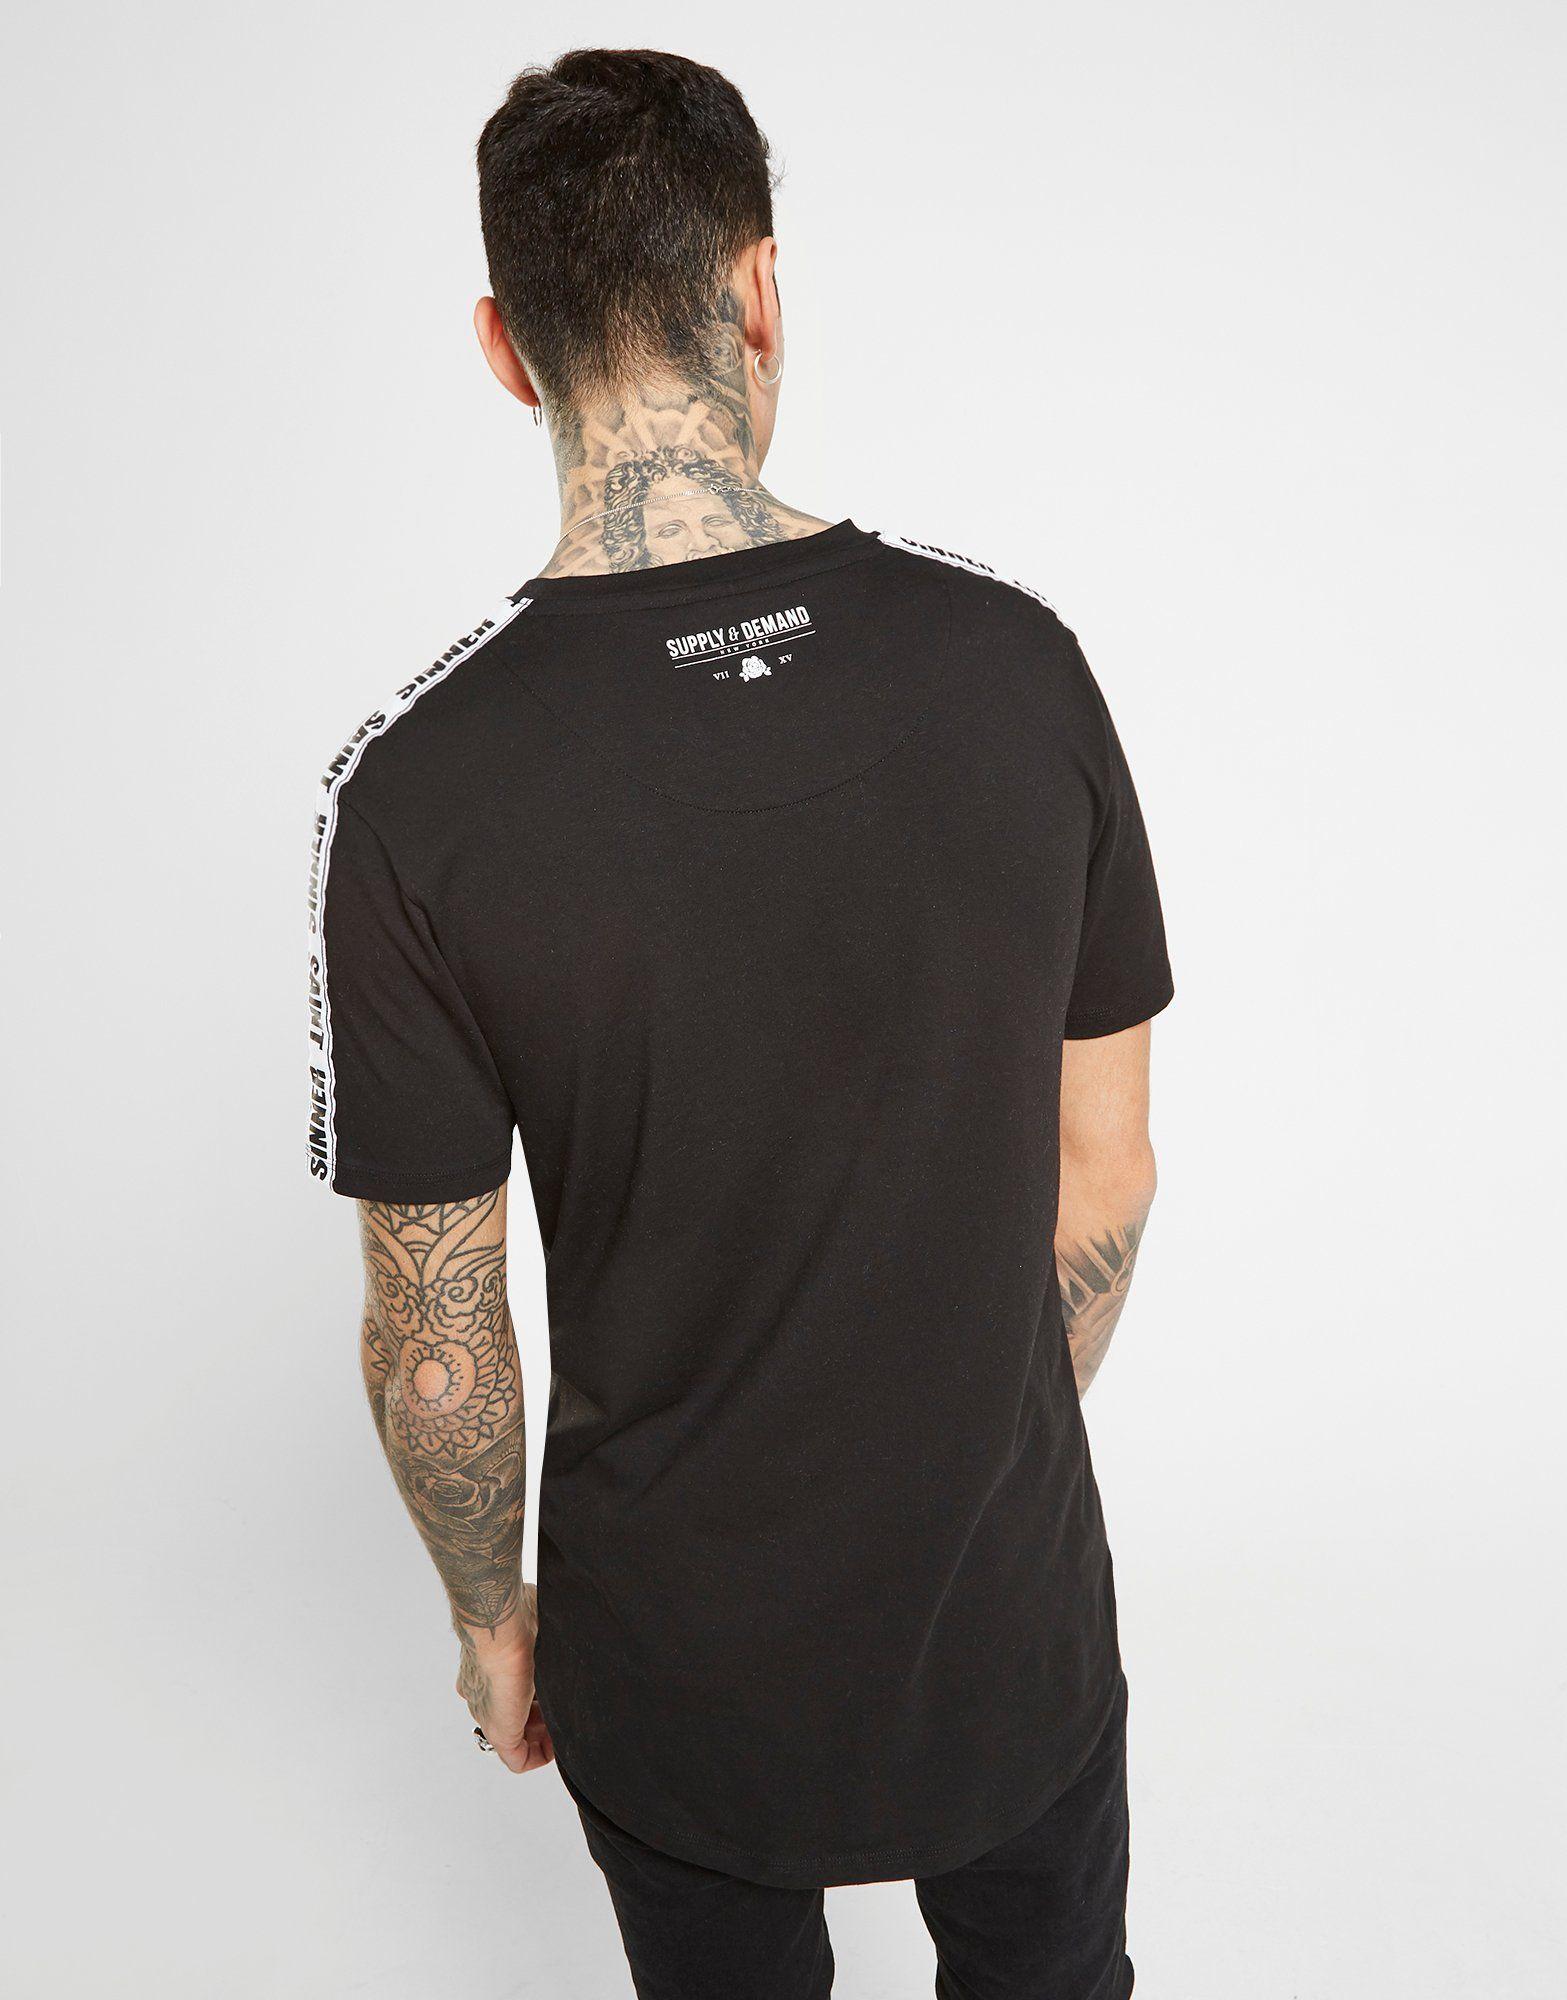 Supply & Demand Sinner Tape T-Shirt